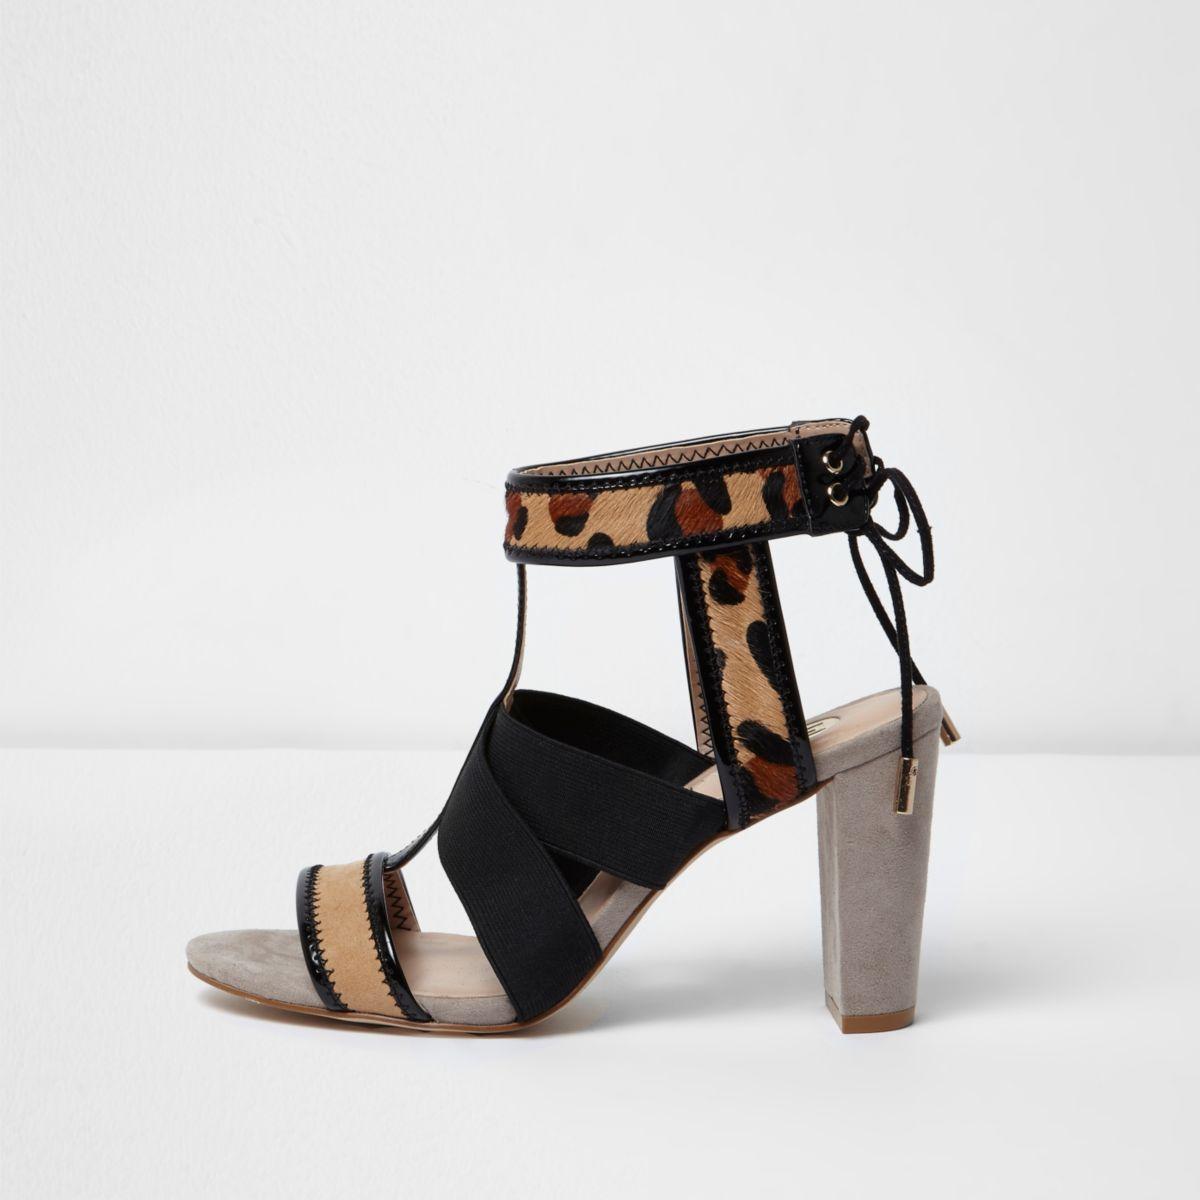 Leopard print cross over heel sandals